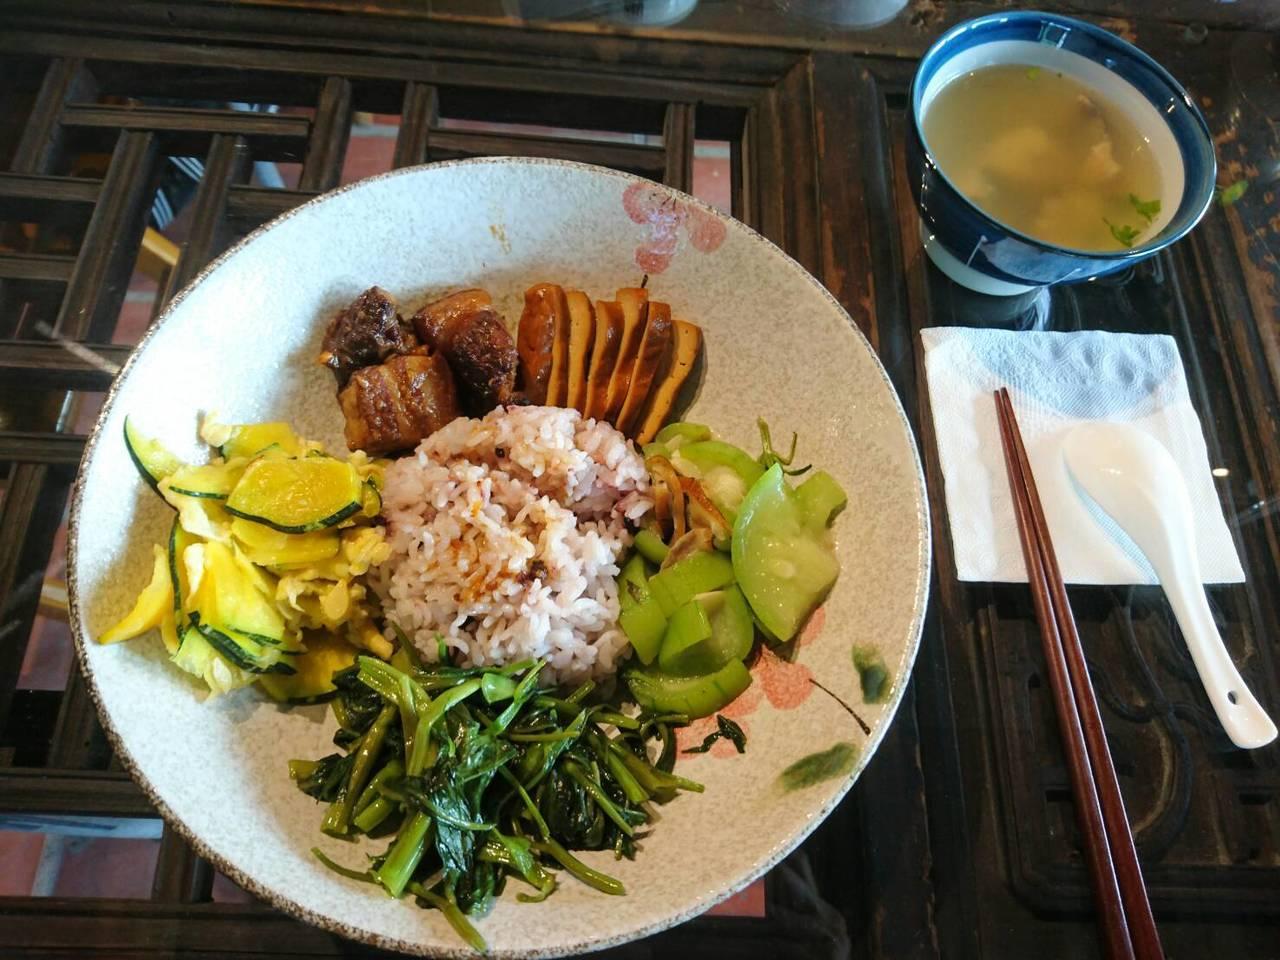 古意生活藝術館的「大碗公飯」是特色家常菜。 圖/羅建旺 攝影